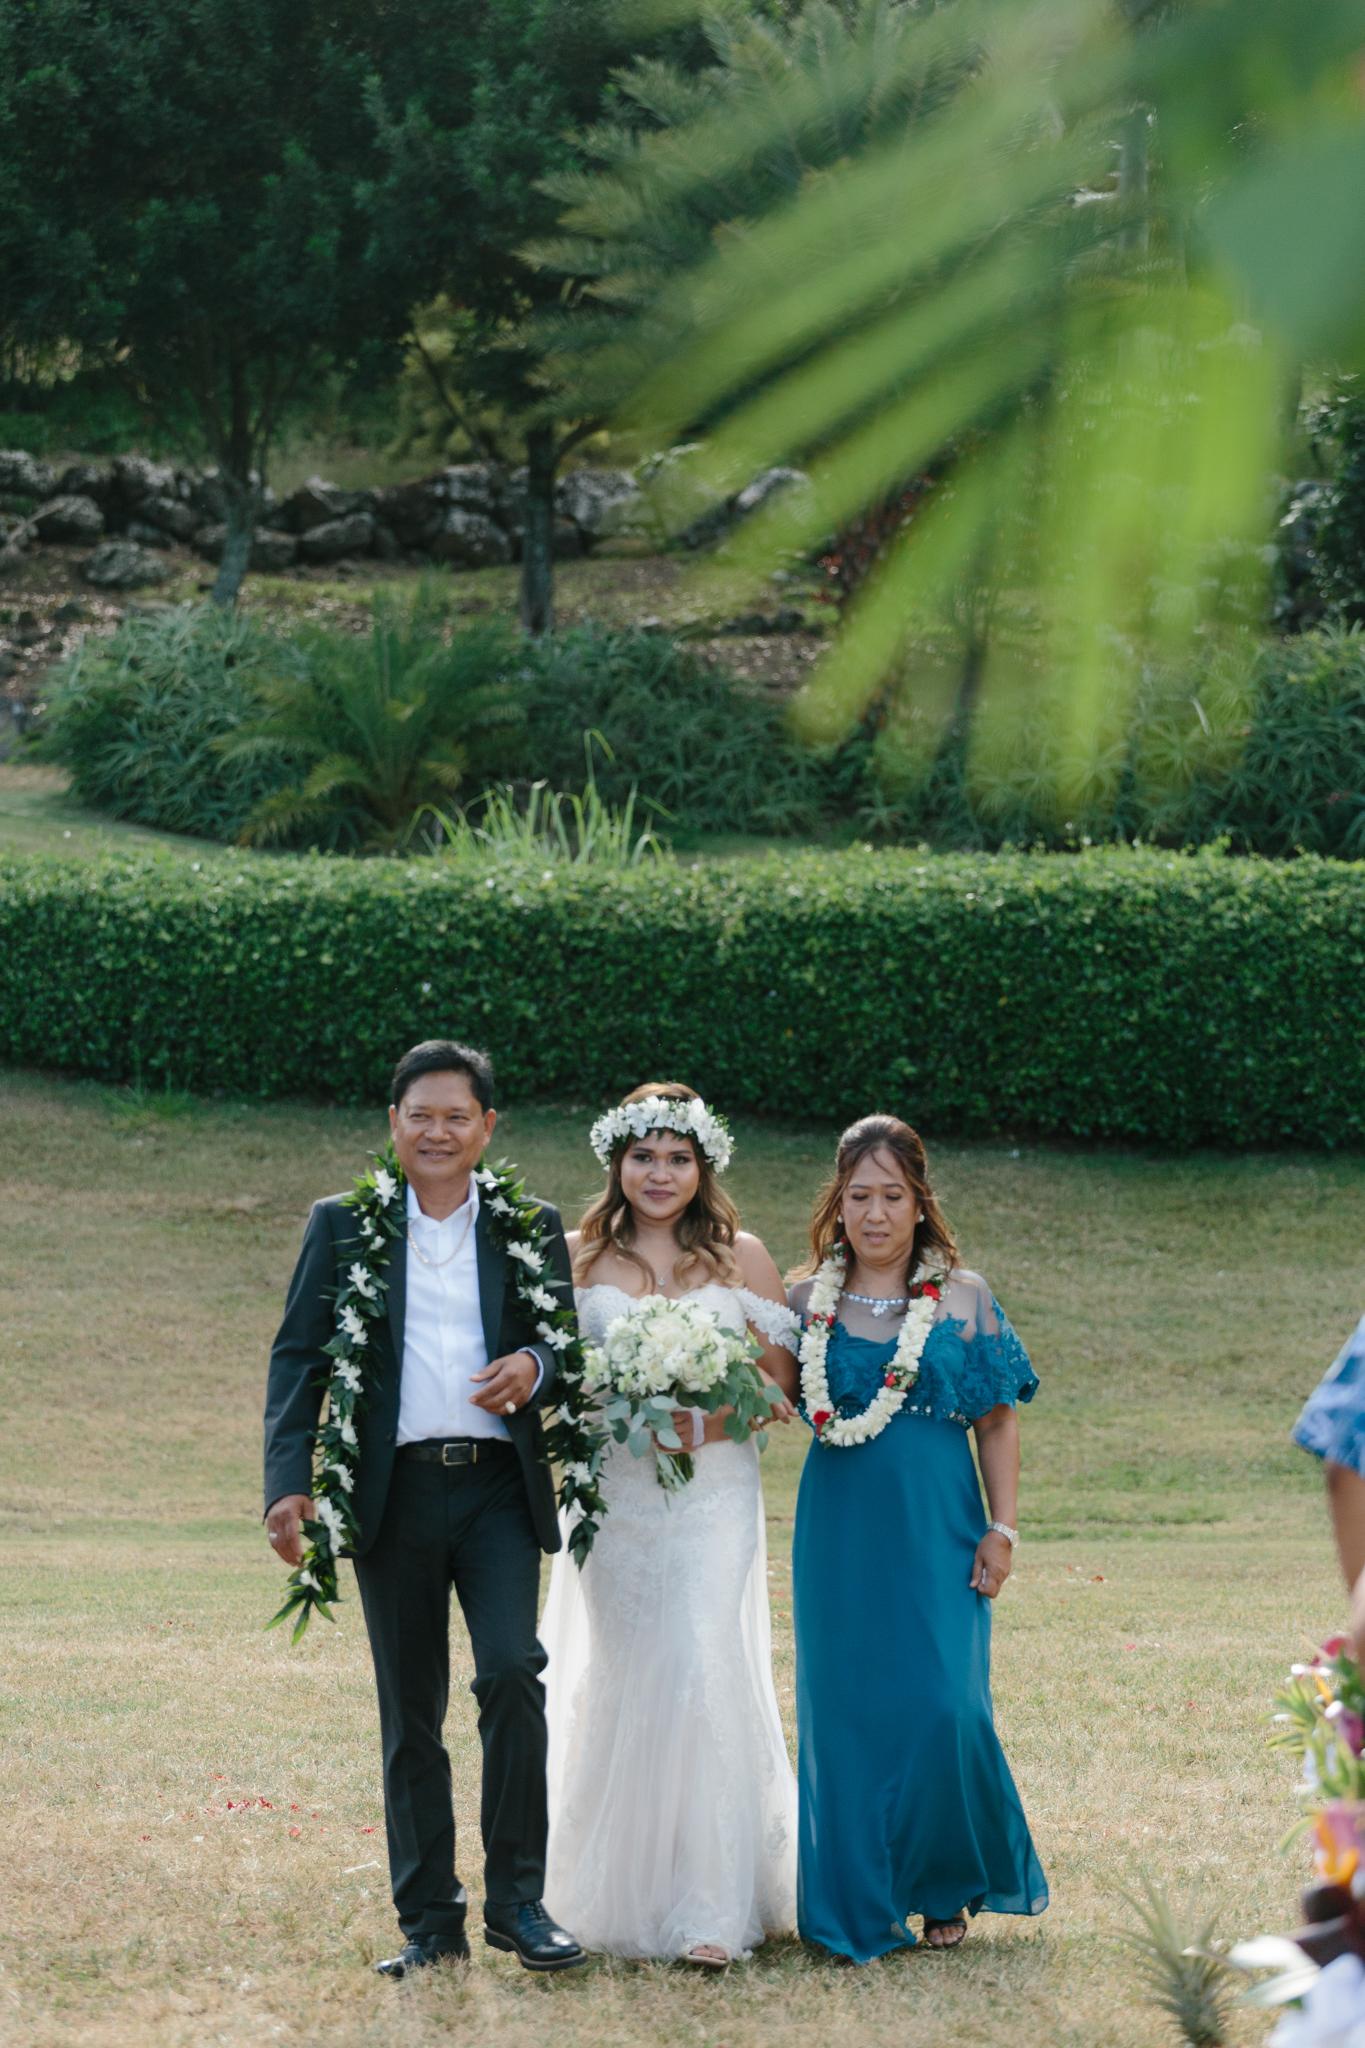 kualoa_ranch_wedding_photography_tone_hawaii-10.jpg